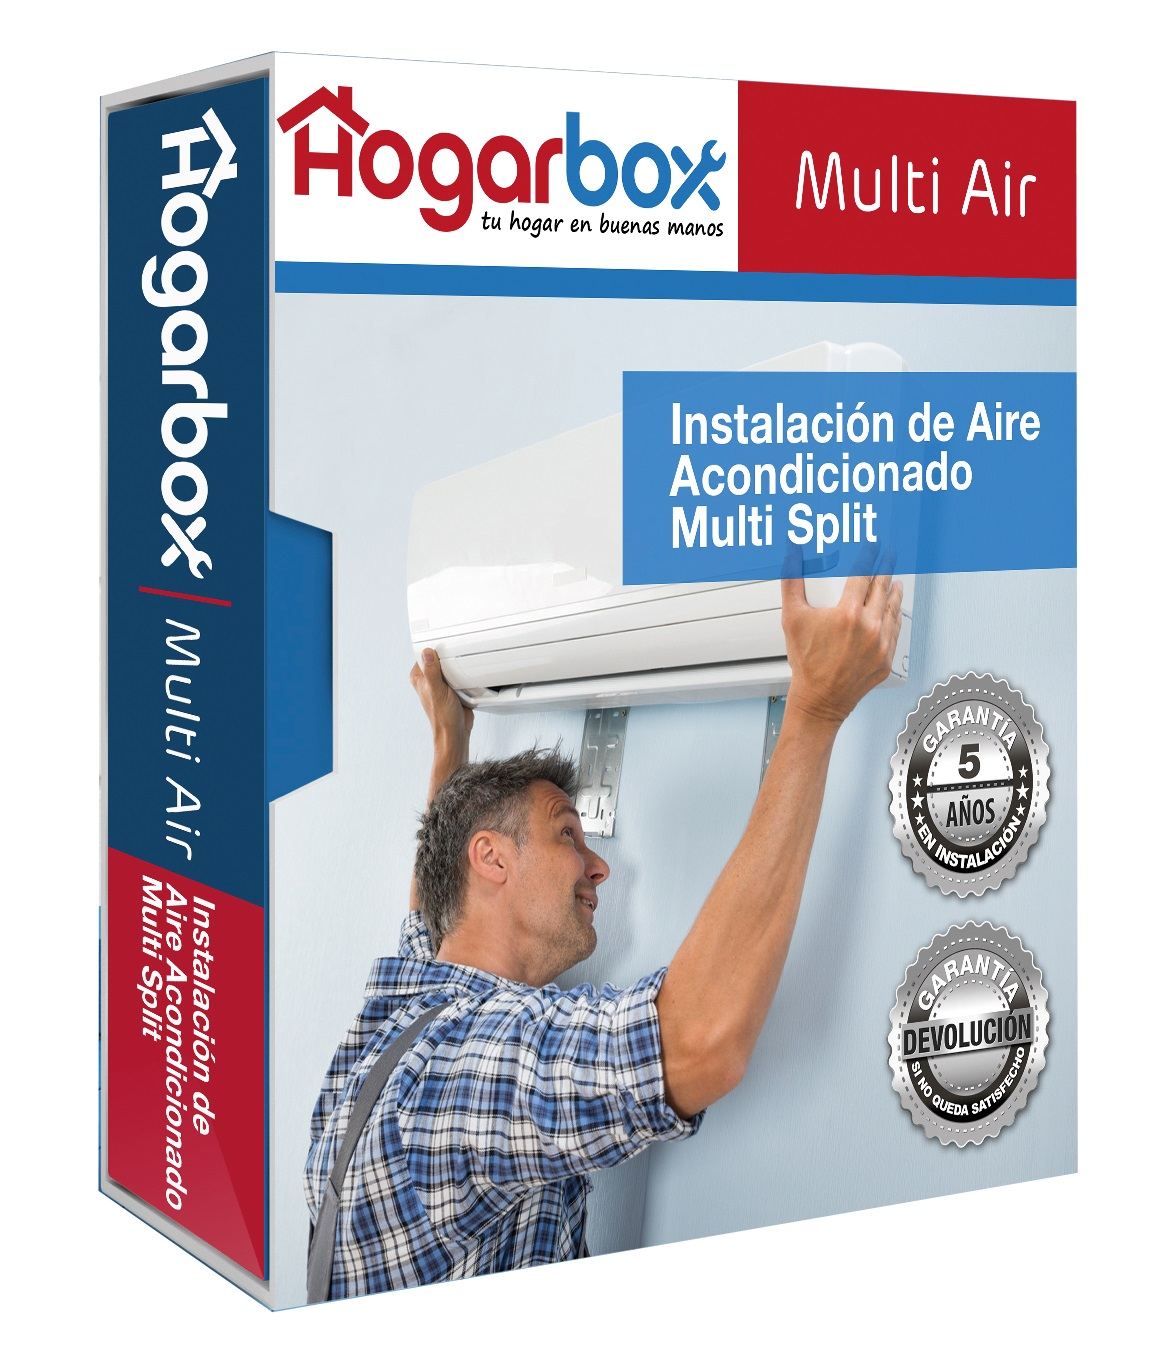 Instalación HogarBox Air Multi